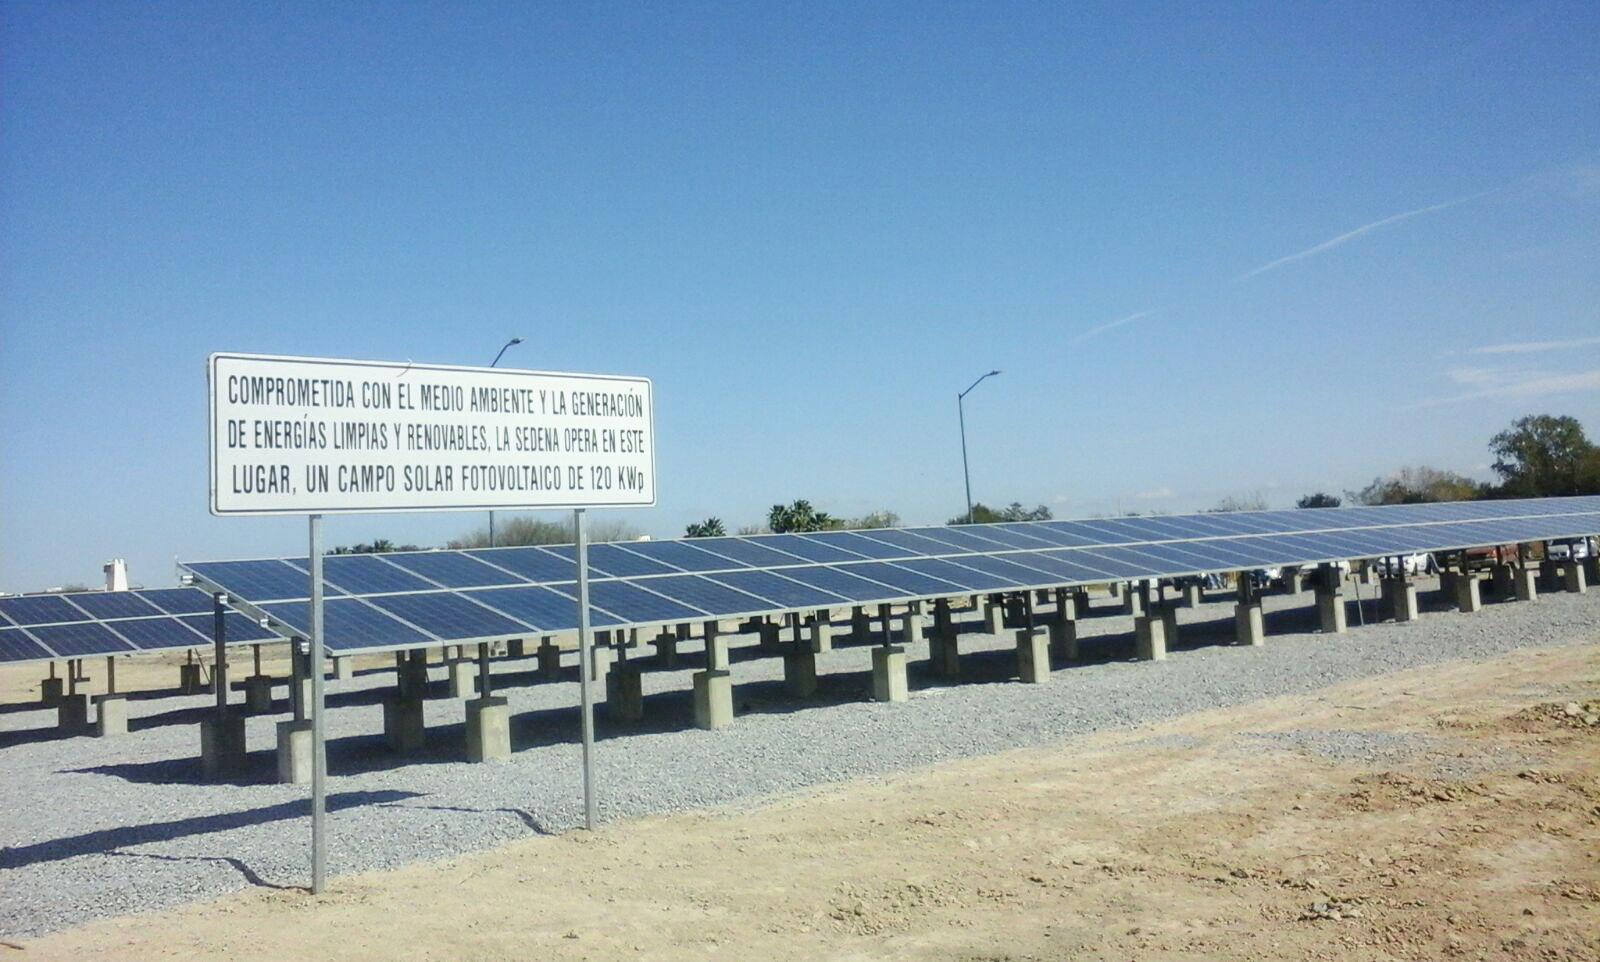 FOTOVOLTAICO INSTITUCIONAL Sedena Global Solare